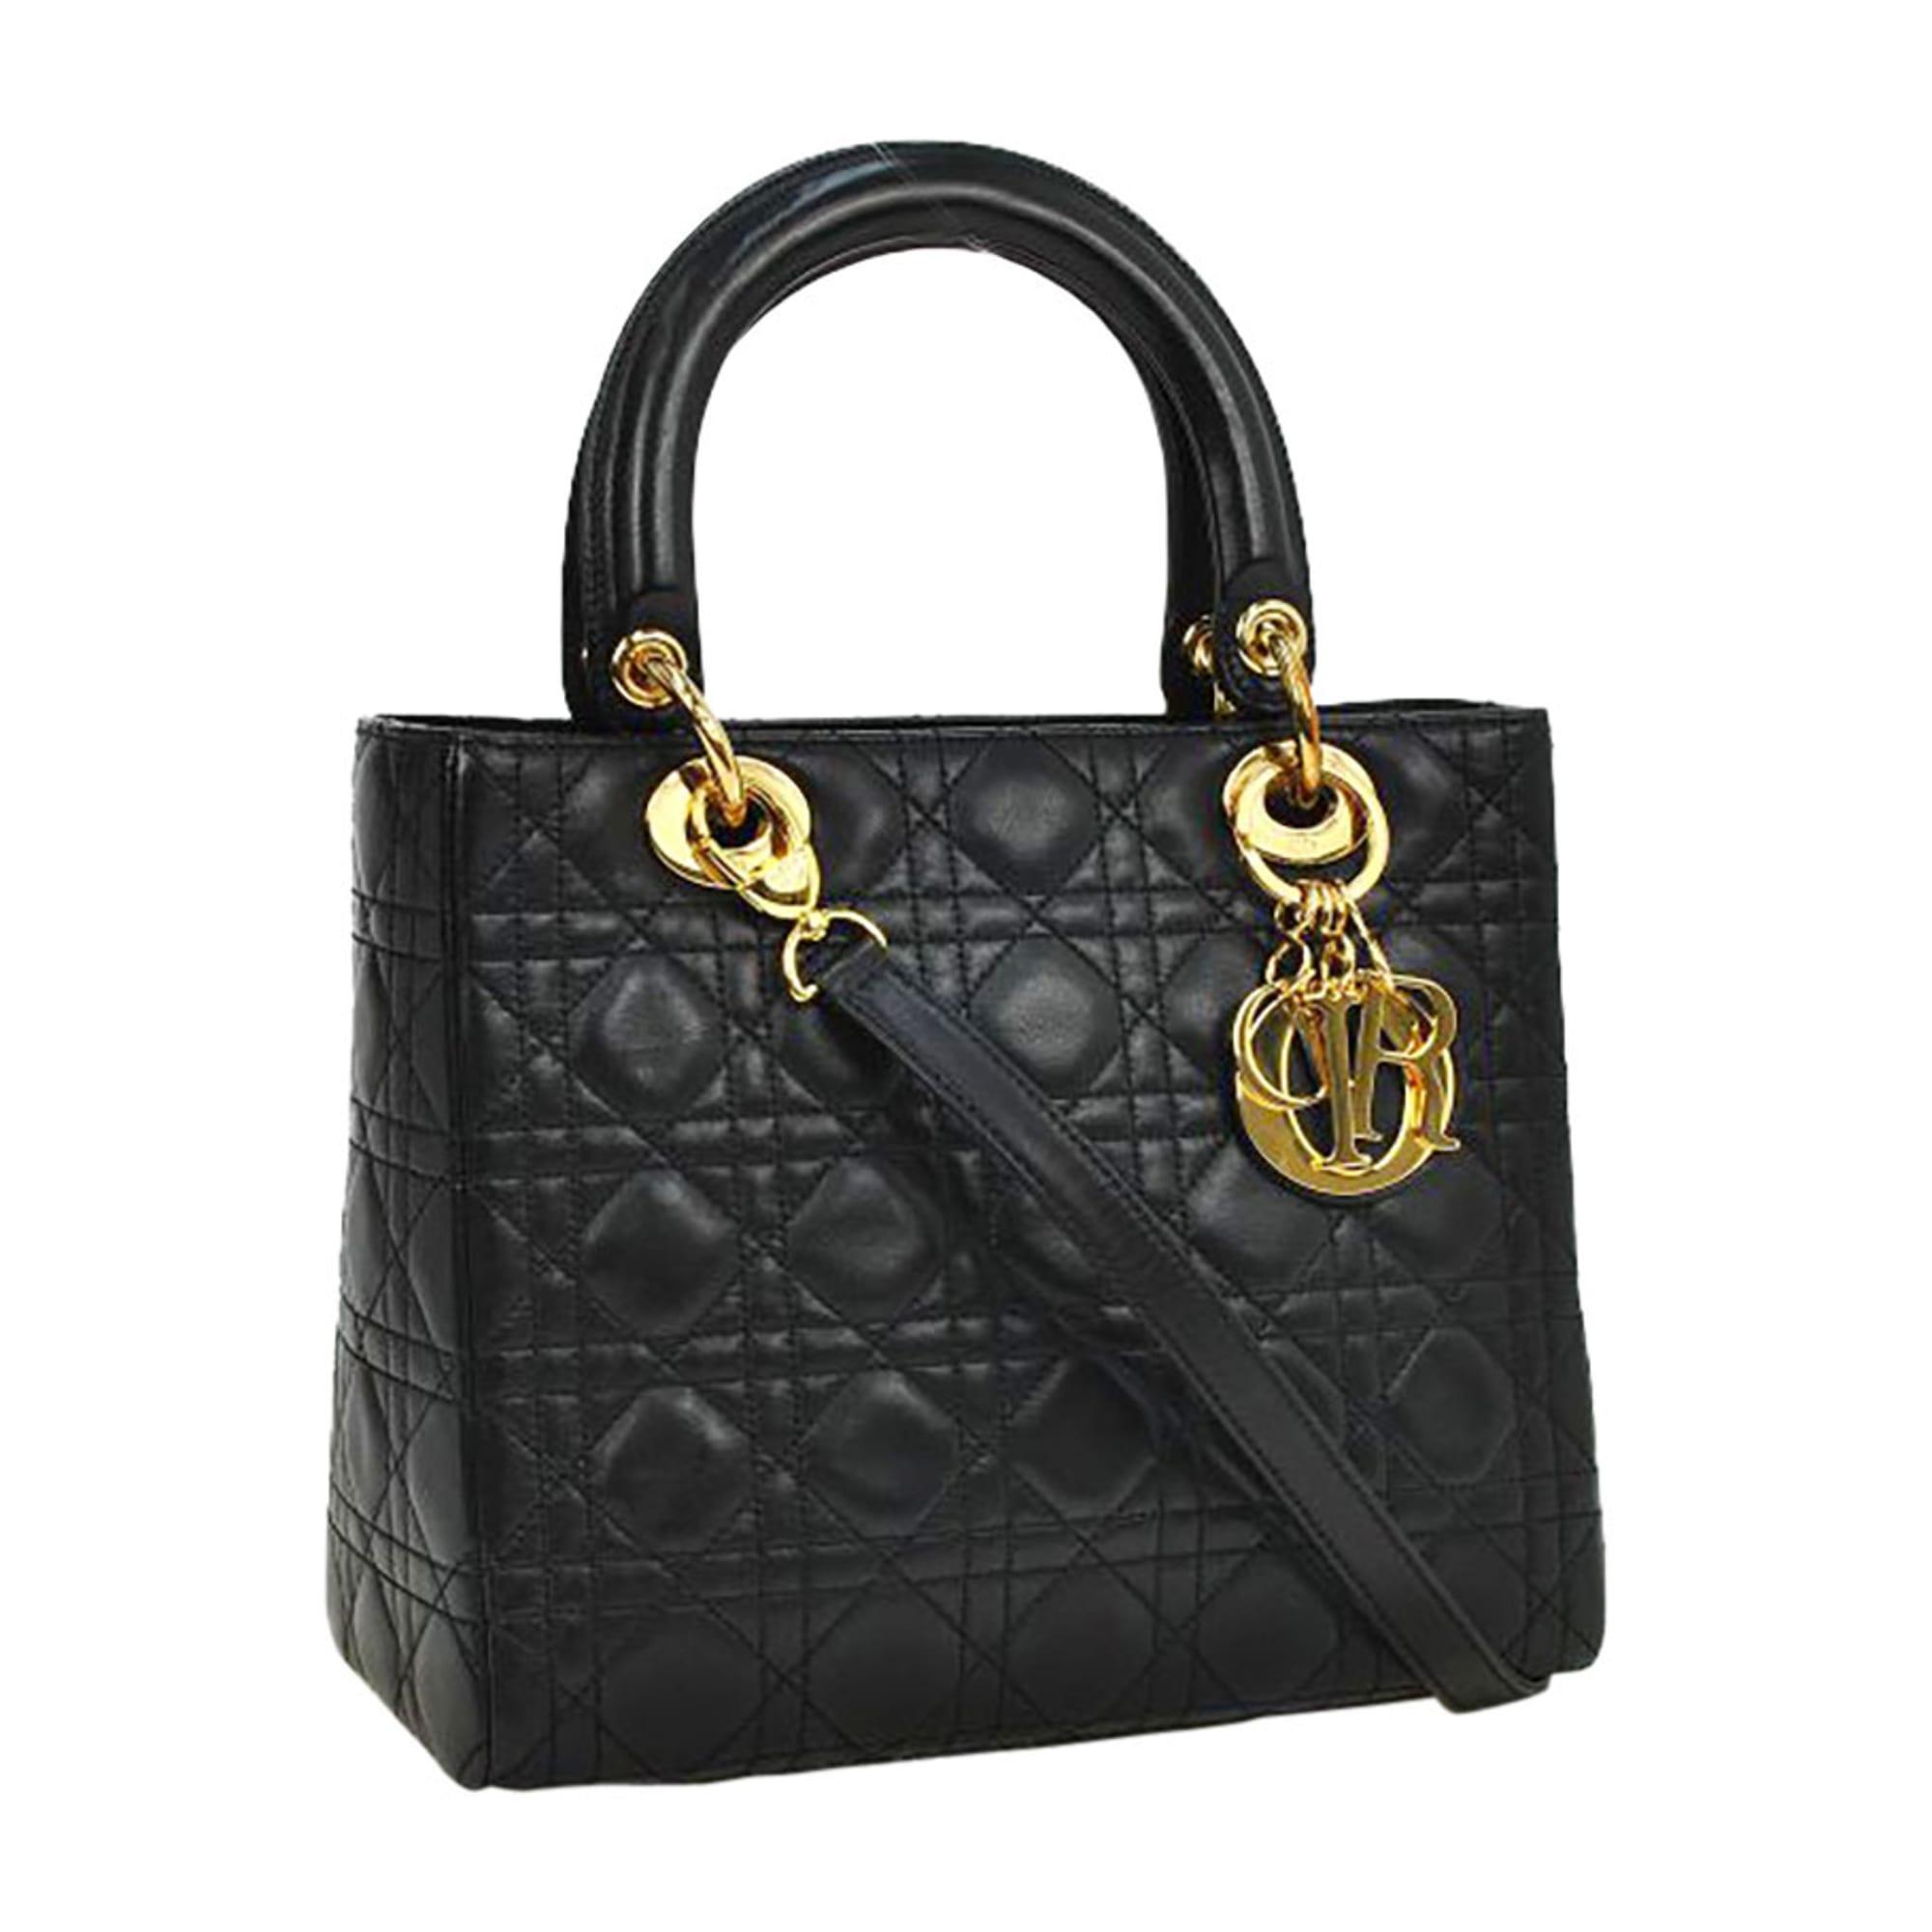 c41d517154 Sac à main en cuir DIOR lady dior noir - 7028290